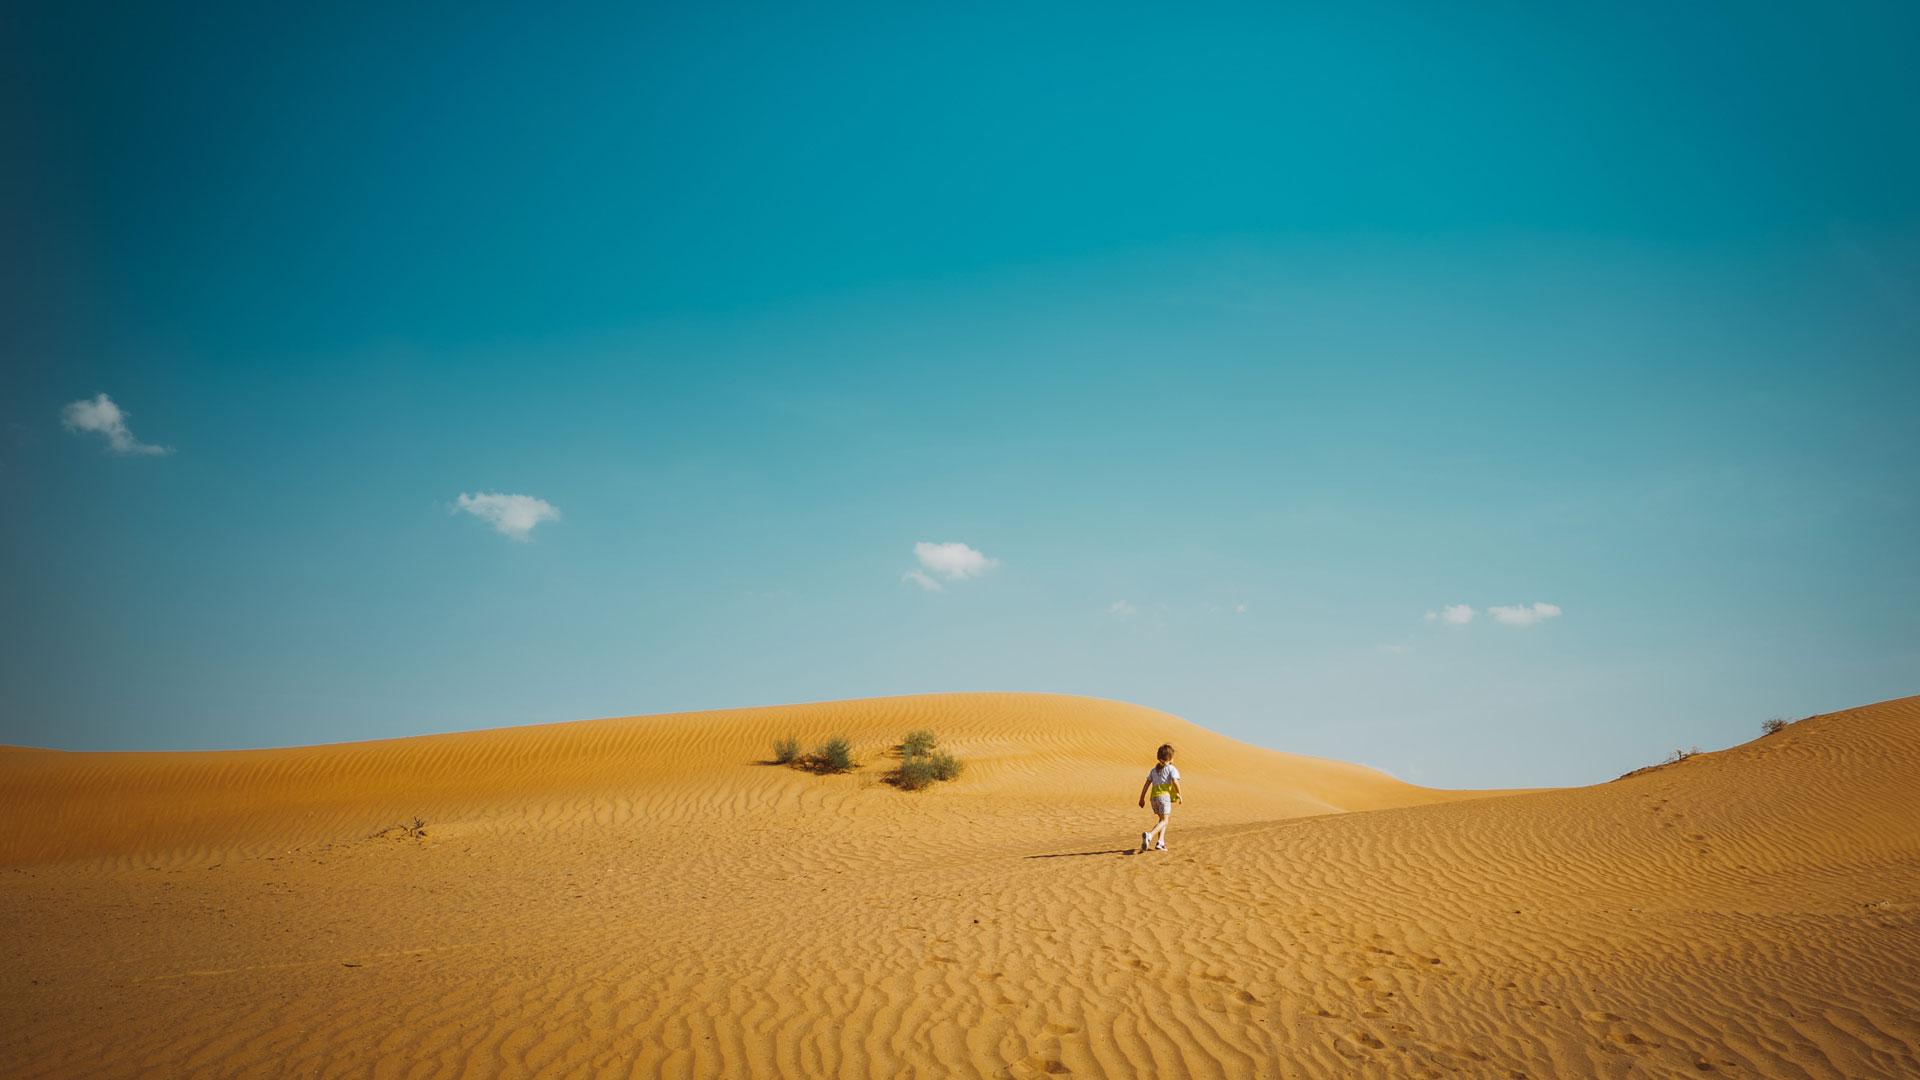 Dziecko idzie przez wydmy na pustyni